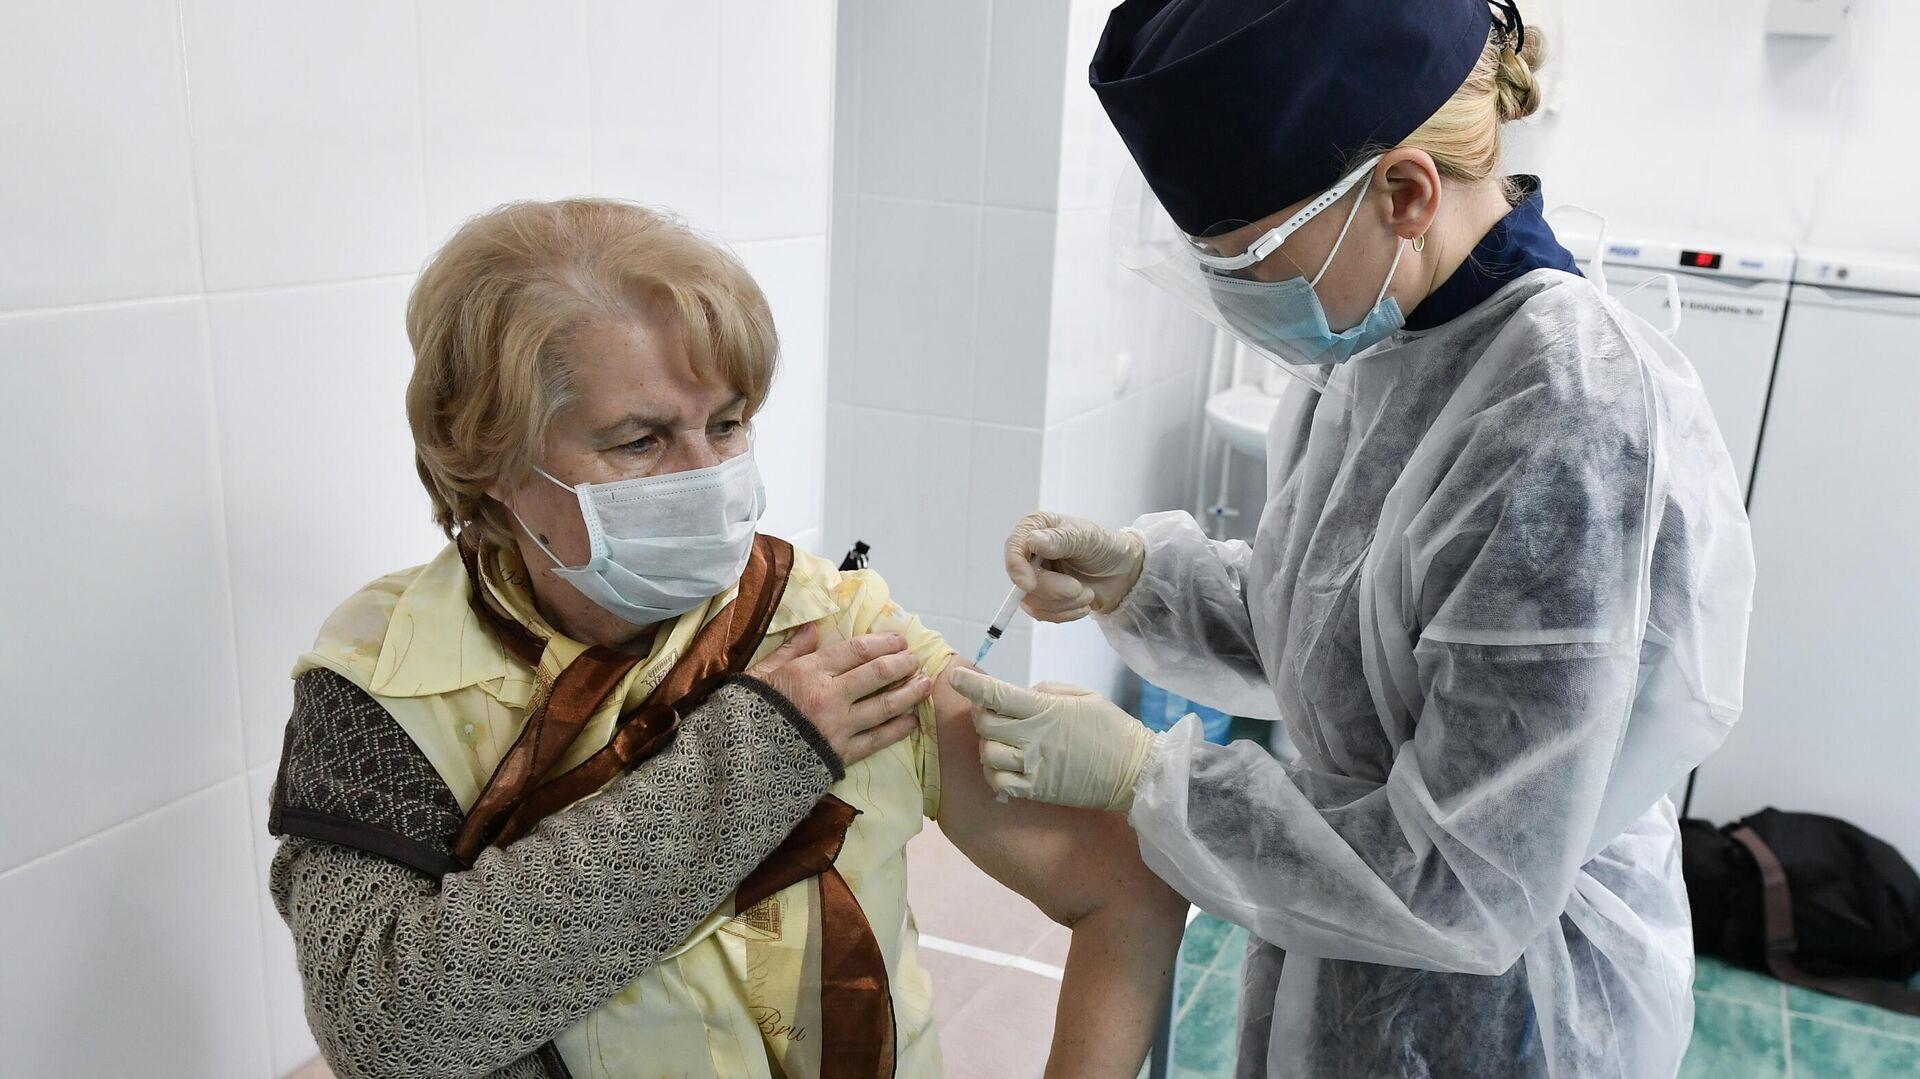 Пациент во время прививки вакциной Гам-Ковид-Вак (Спутник V) от COVID-19 в 7-й городской поликлинике Симферополя - РИА Новости, 1920, 07.04.2021